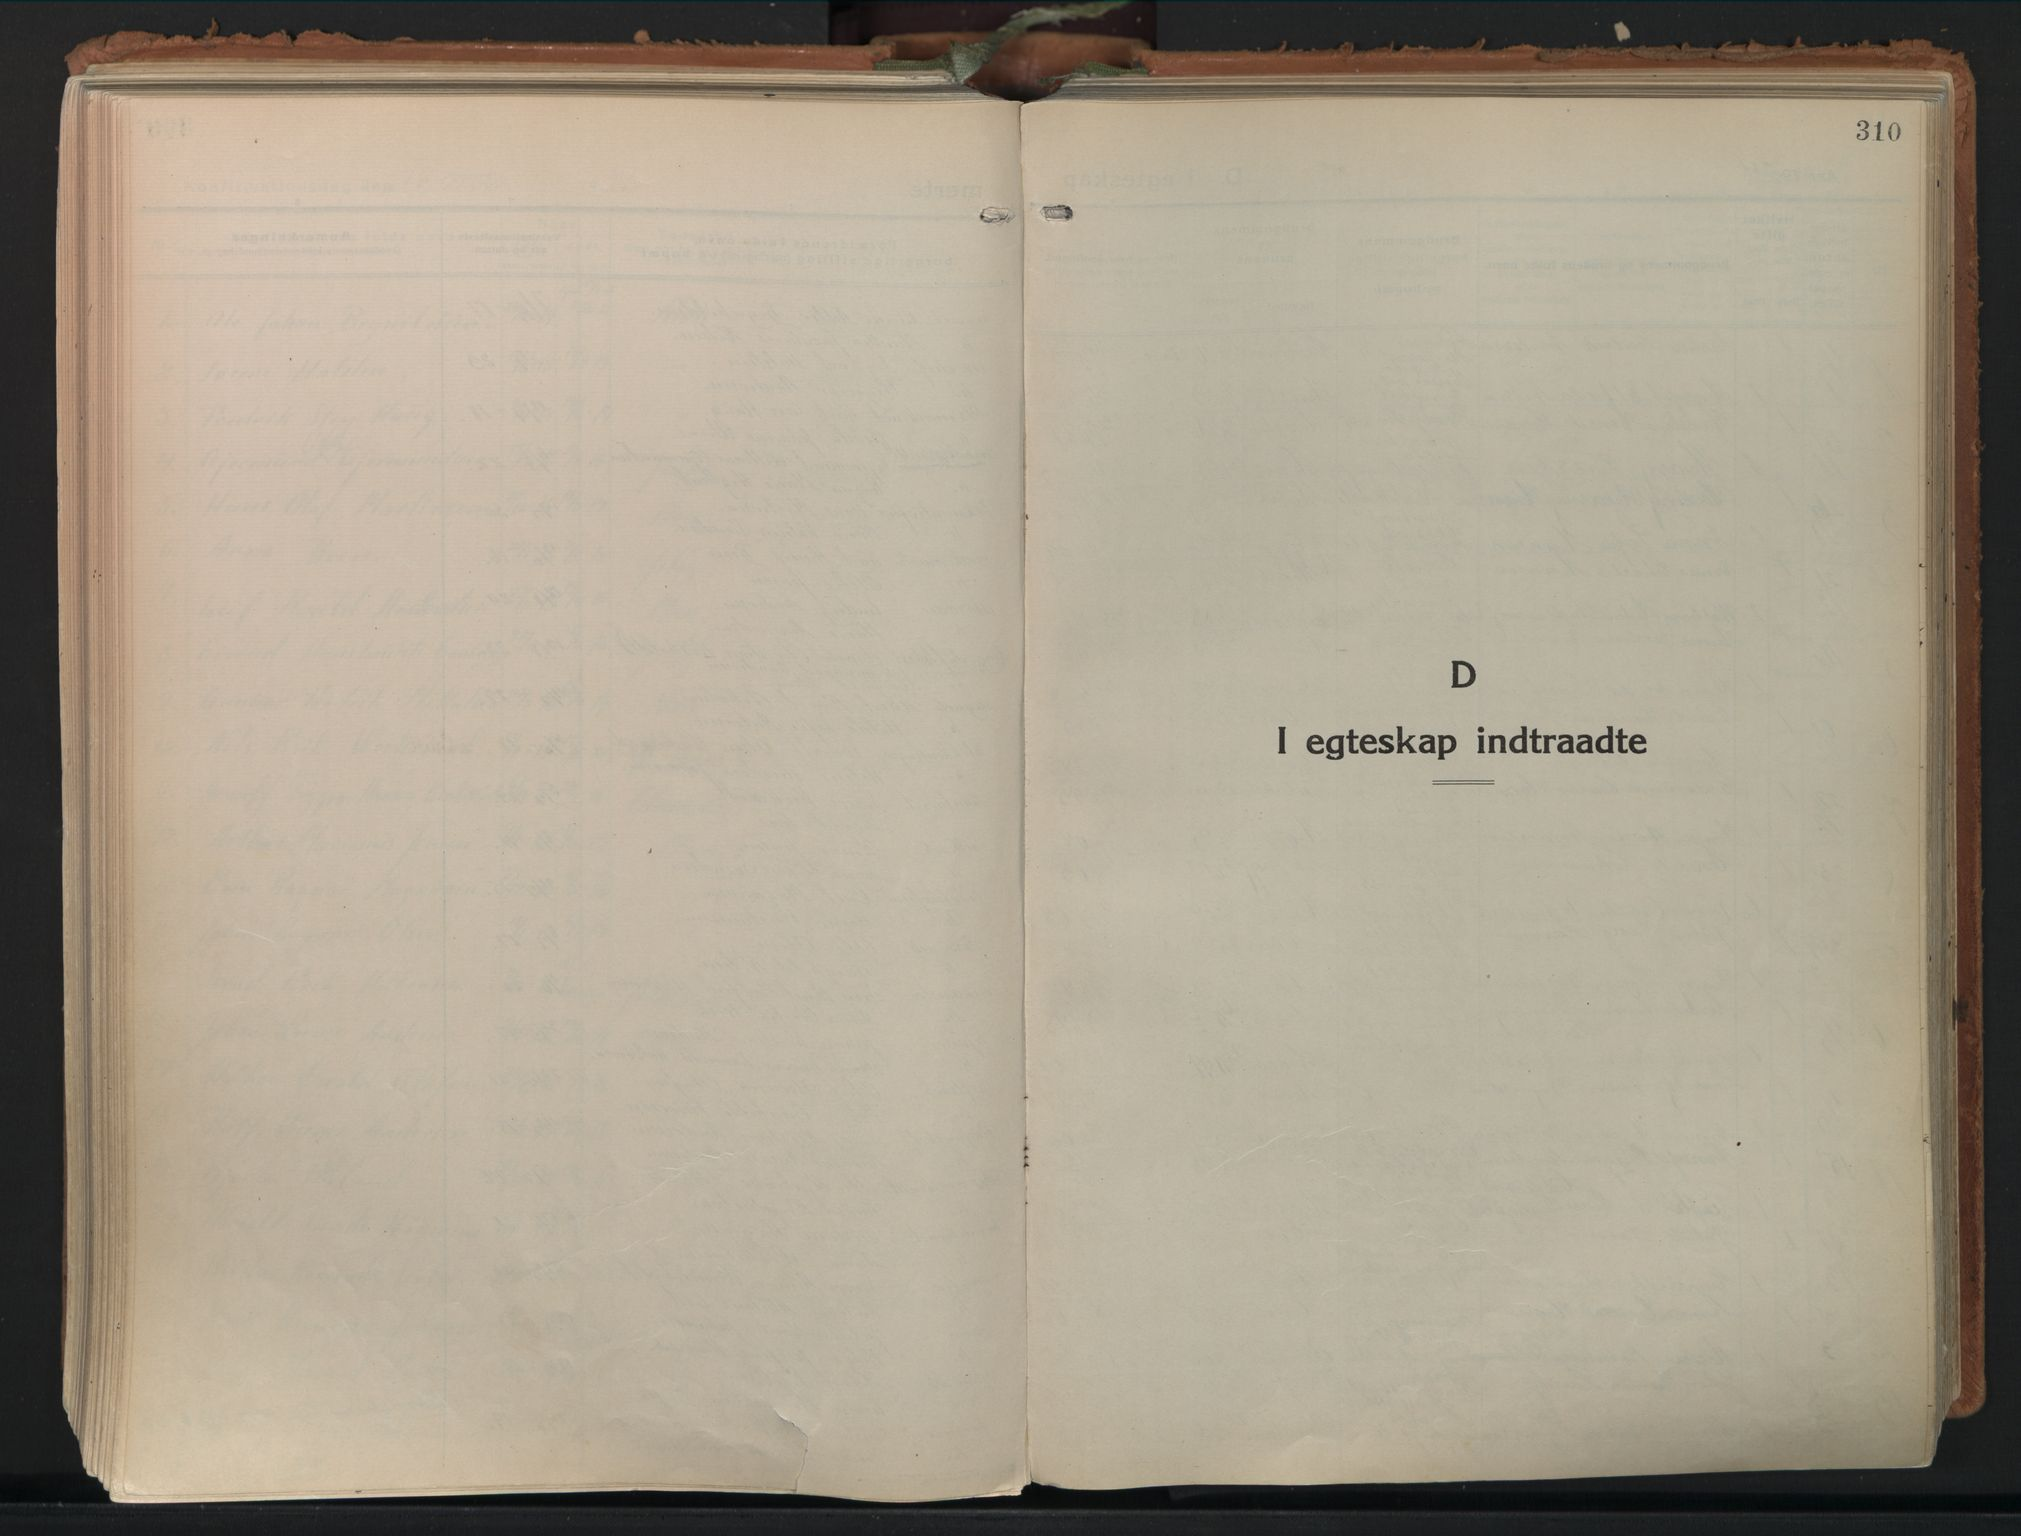 SAO, Moss prestekontor Kirkebøker, F/Fb/Fab/L0006: Ministerialbok nr. II 6, 1924-1932, s. 310